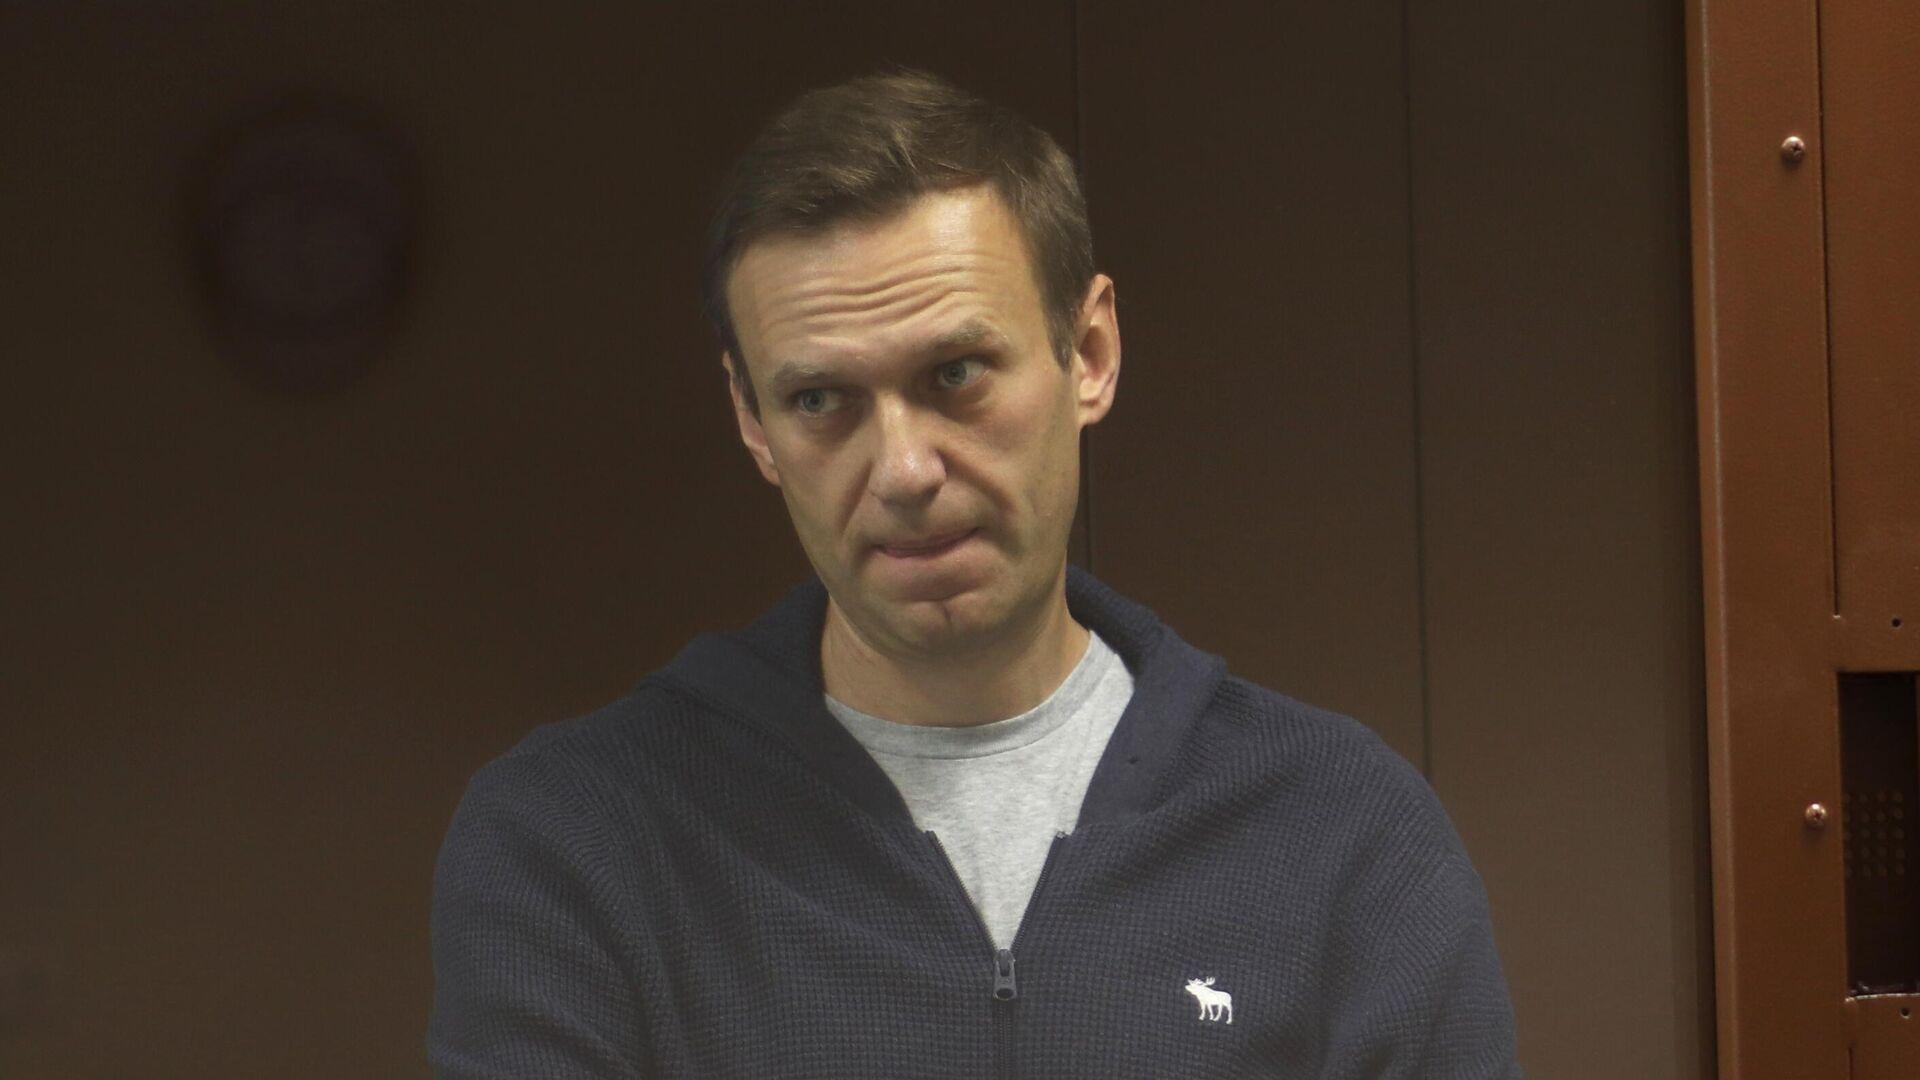 Автозак приехал в суд, где рассмотрят жалобу Навального на замену срока